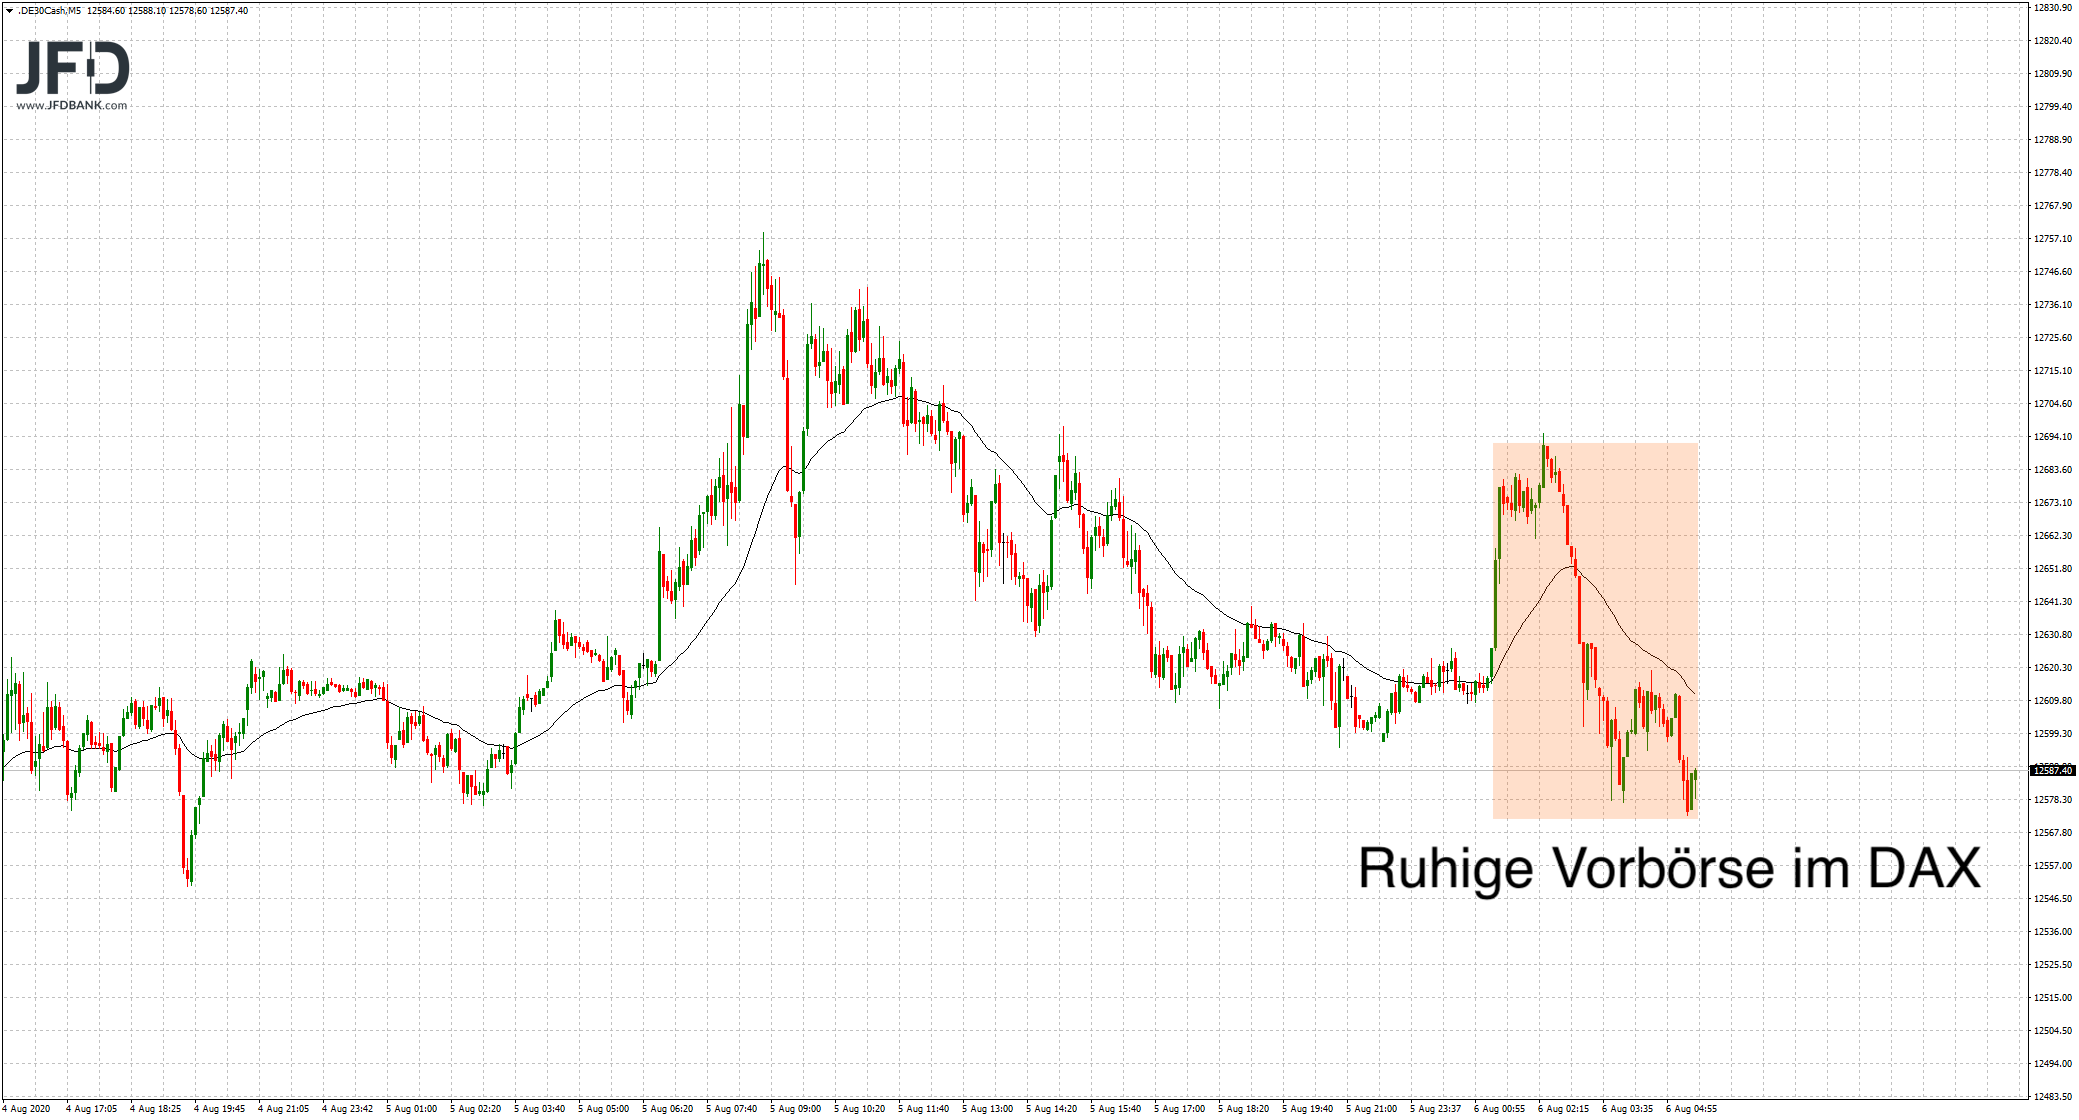 Trading-Chancen-am-DAX-Abwärtstrend-Kommentar-JFD-Bank-GodmodeTrader.de-8